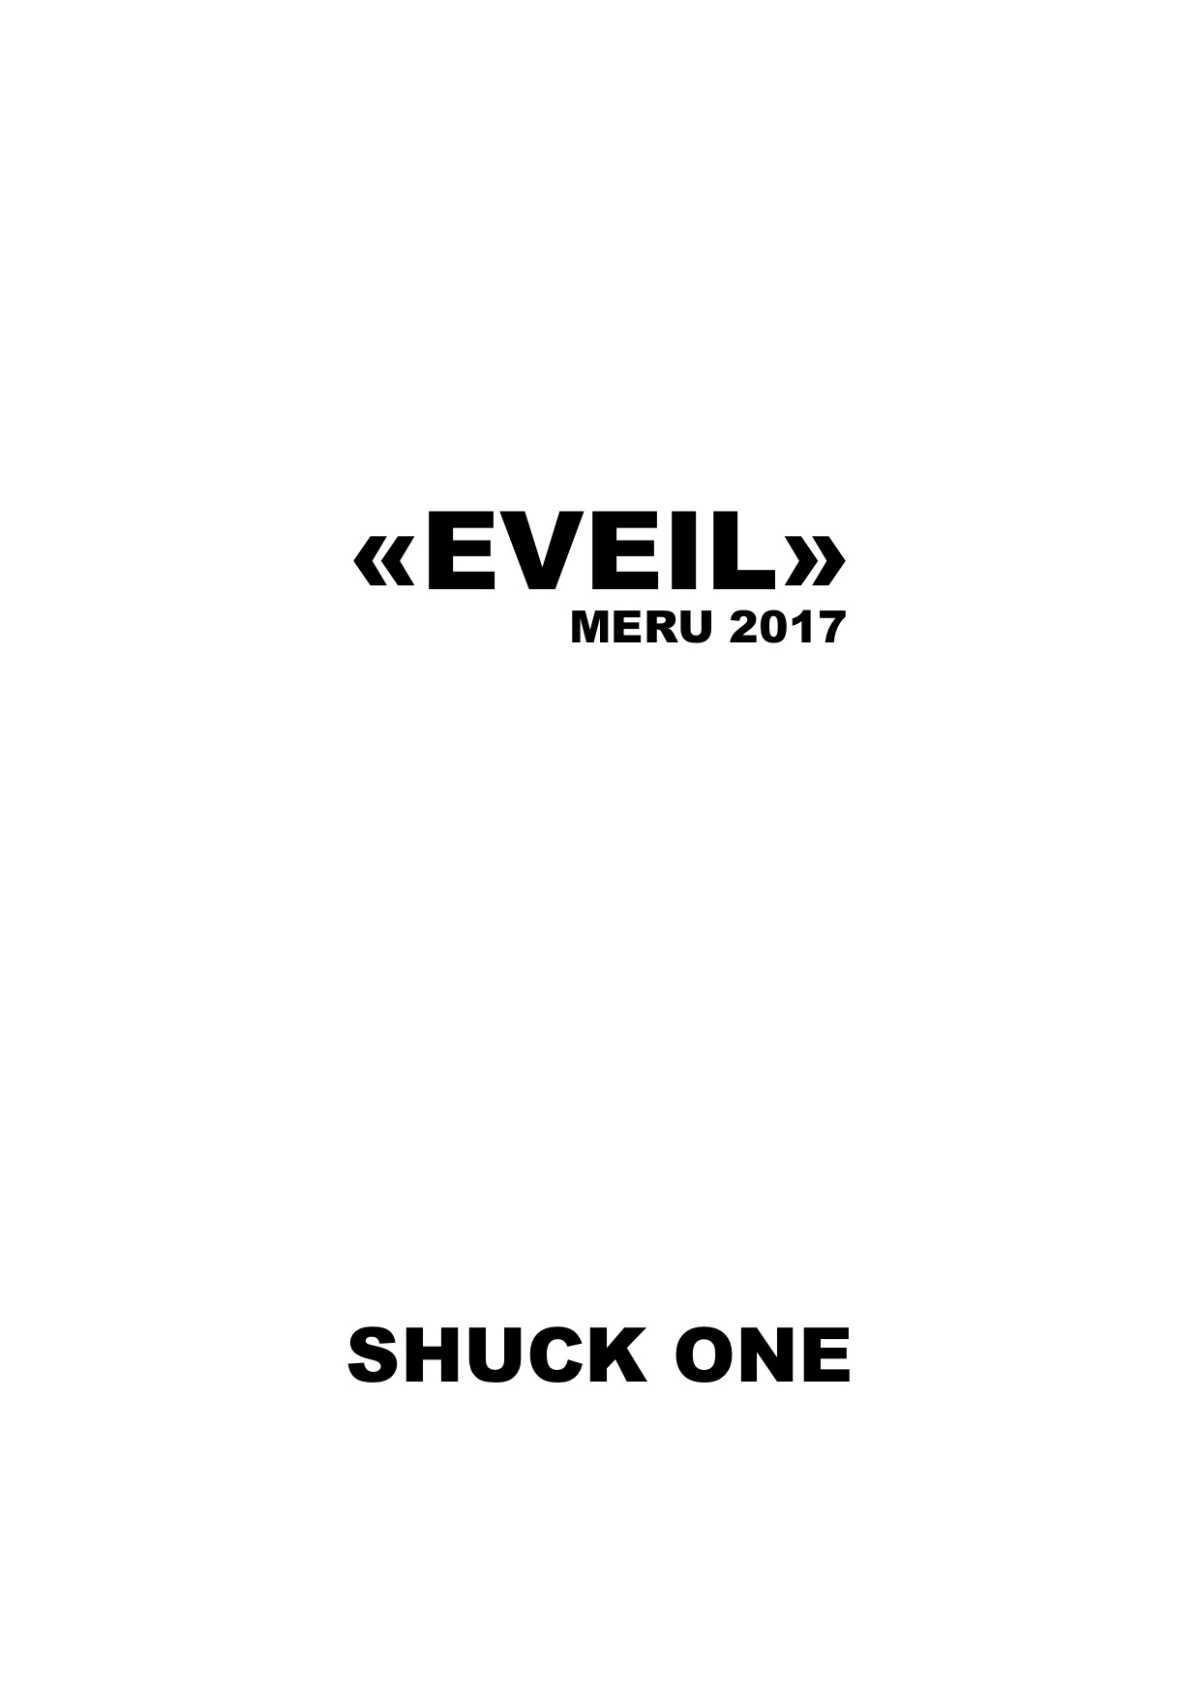 Shuck One, artiste conférencier du 17/8 à Cotonou